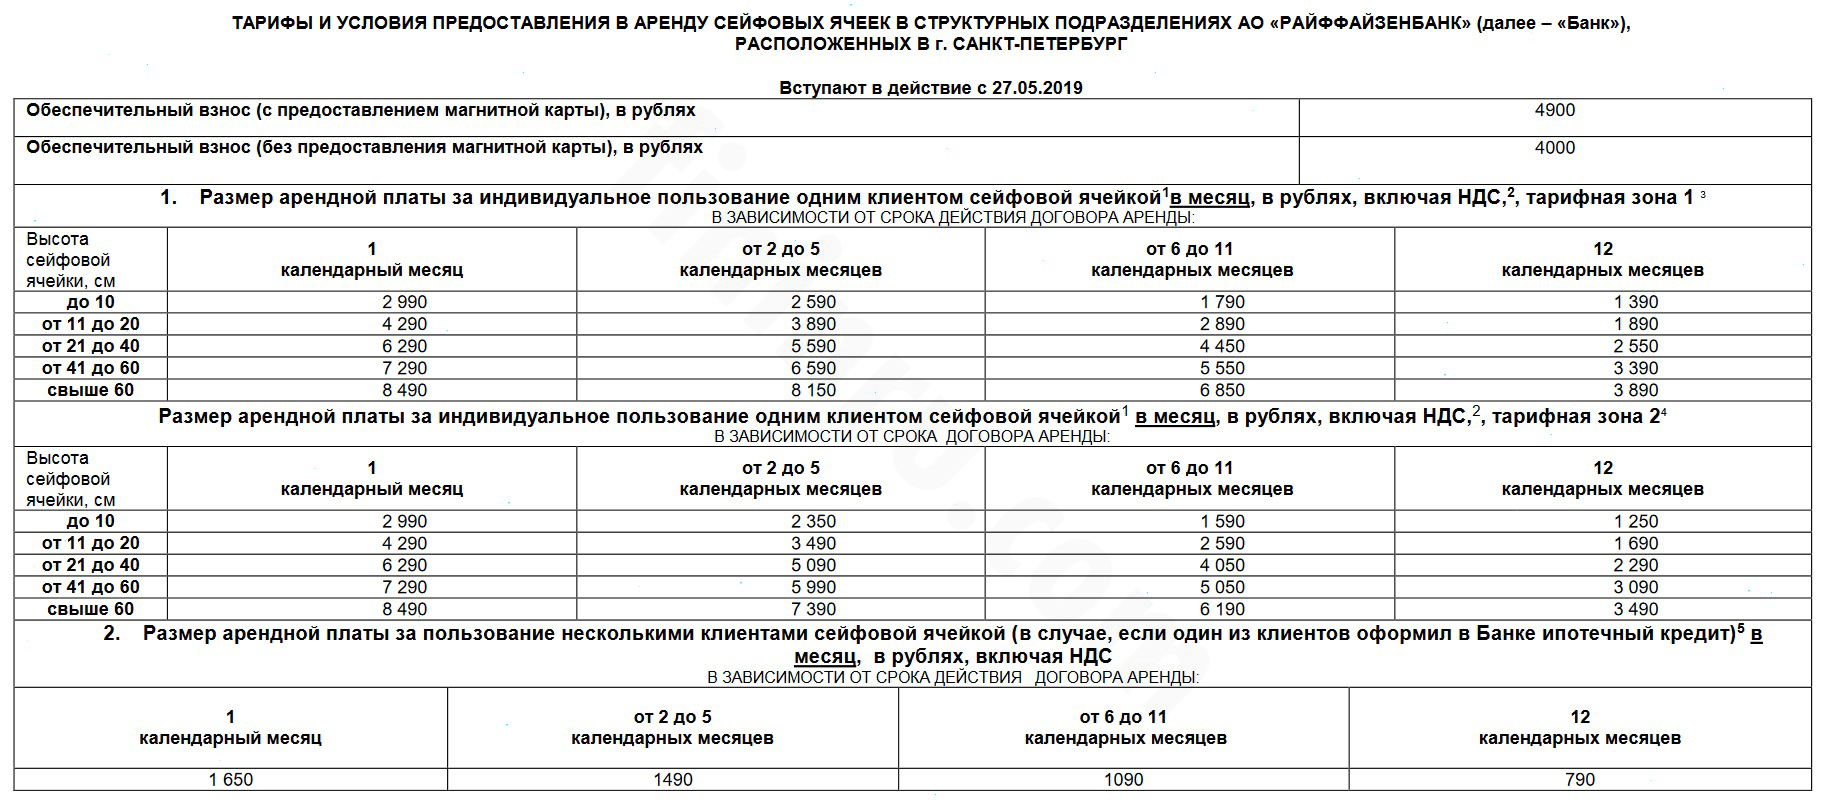 Аренда ячейки РФБ в СПб